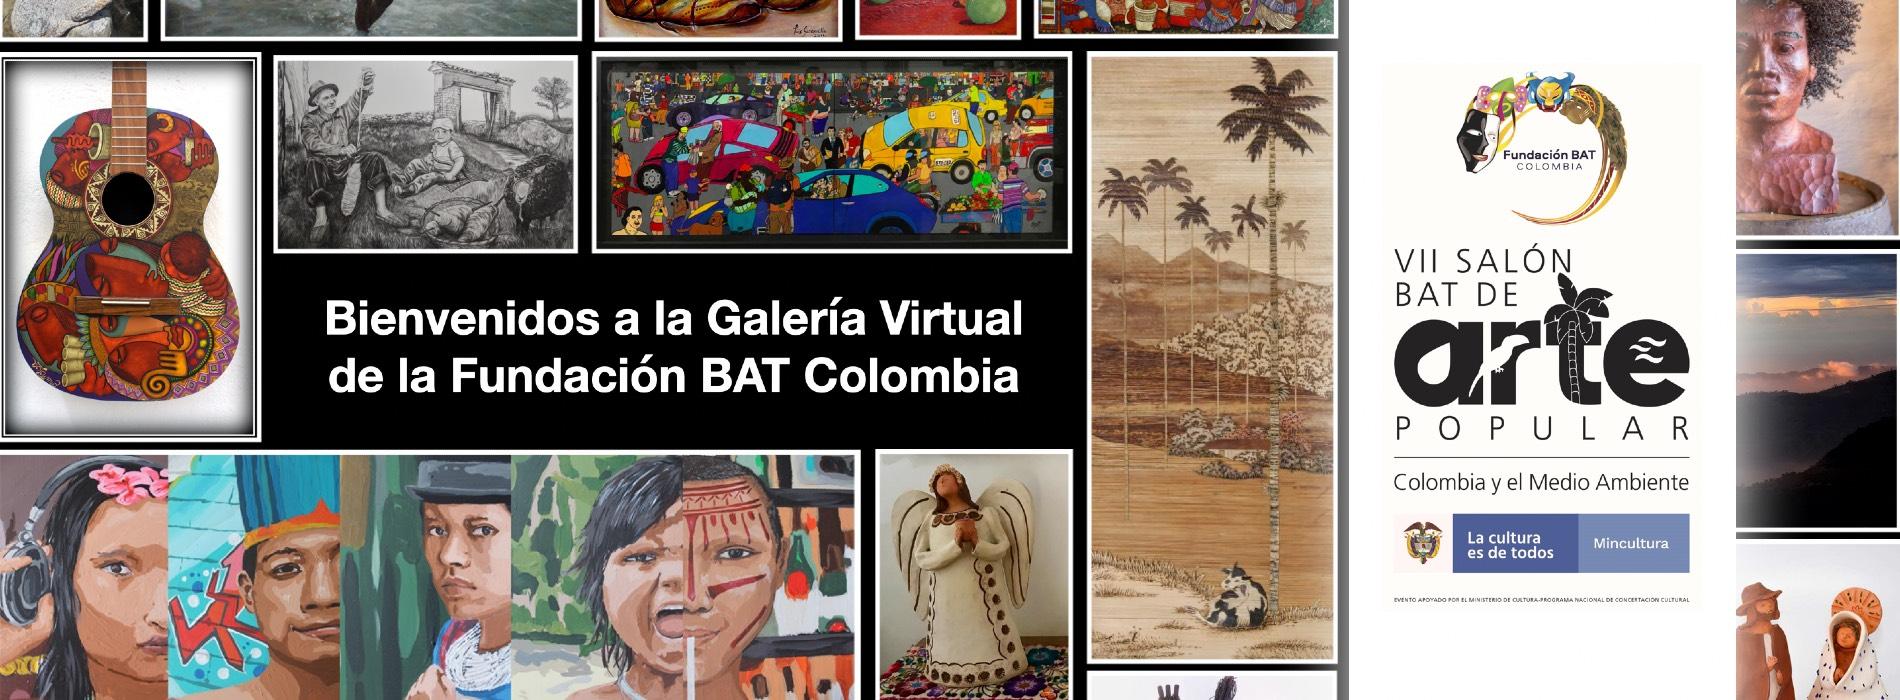 Banner galeria